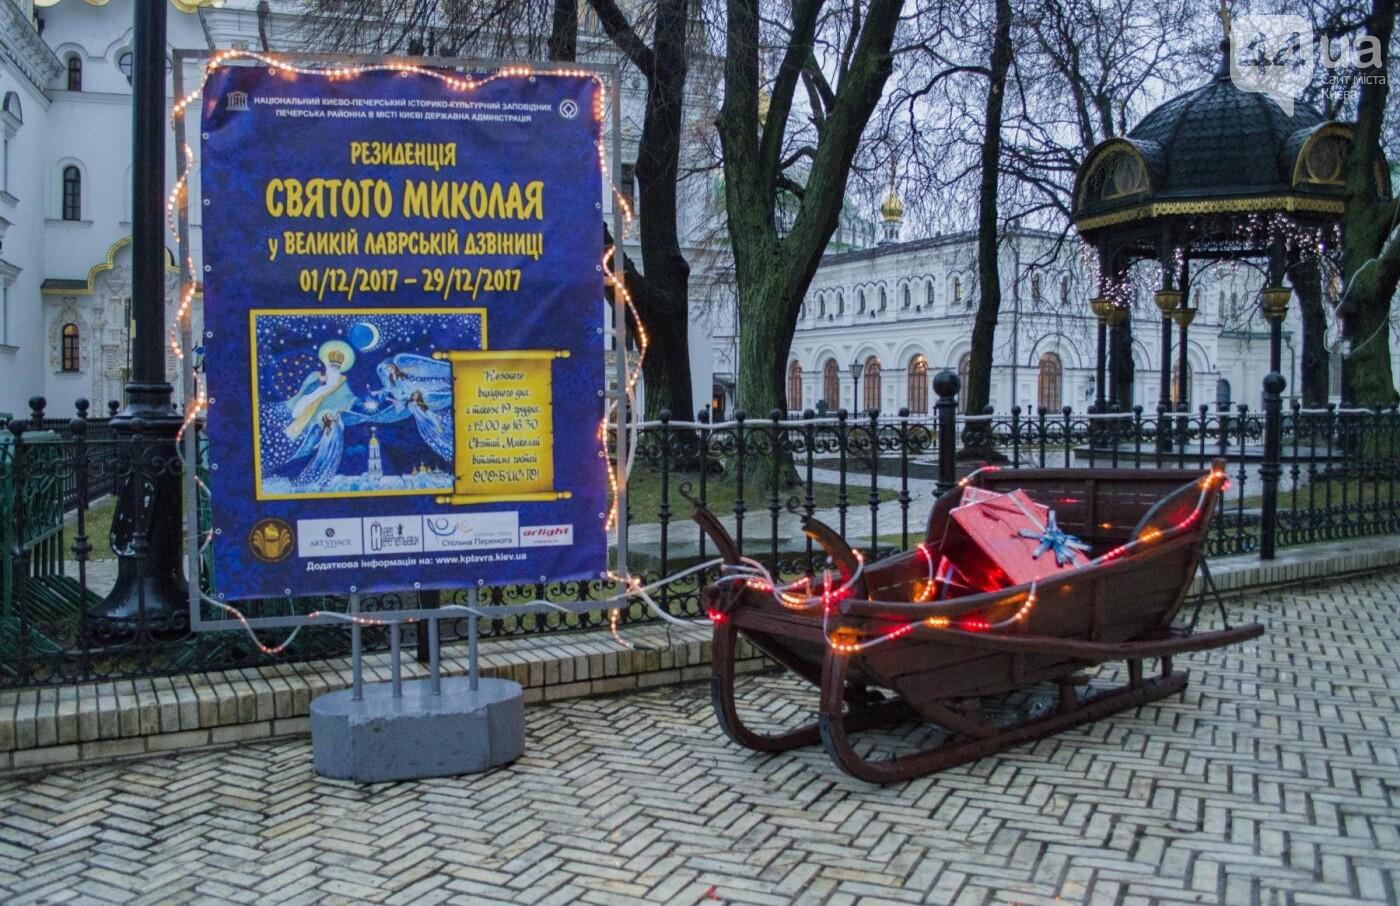 В Киеве торжественно открыли резиденцию Святого Николая, как это было, фото-15